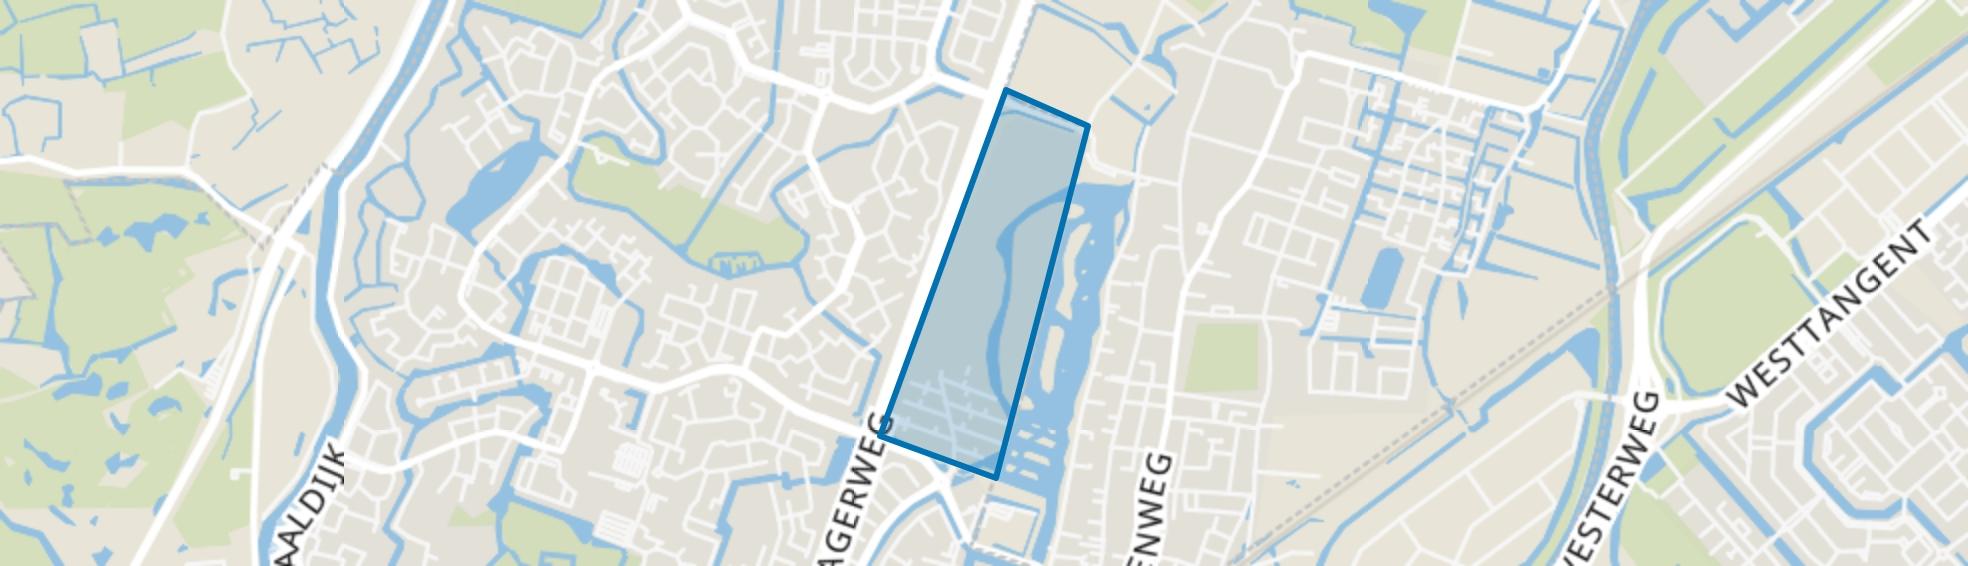 Vroonermeer-Noord, Alkmaar map